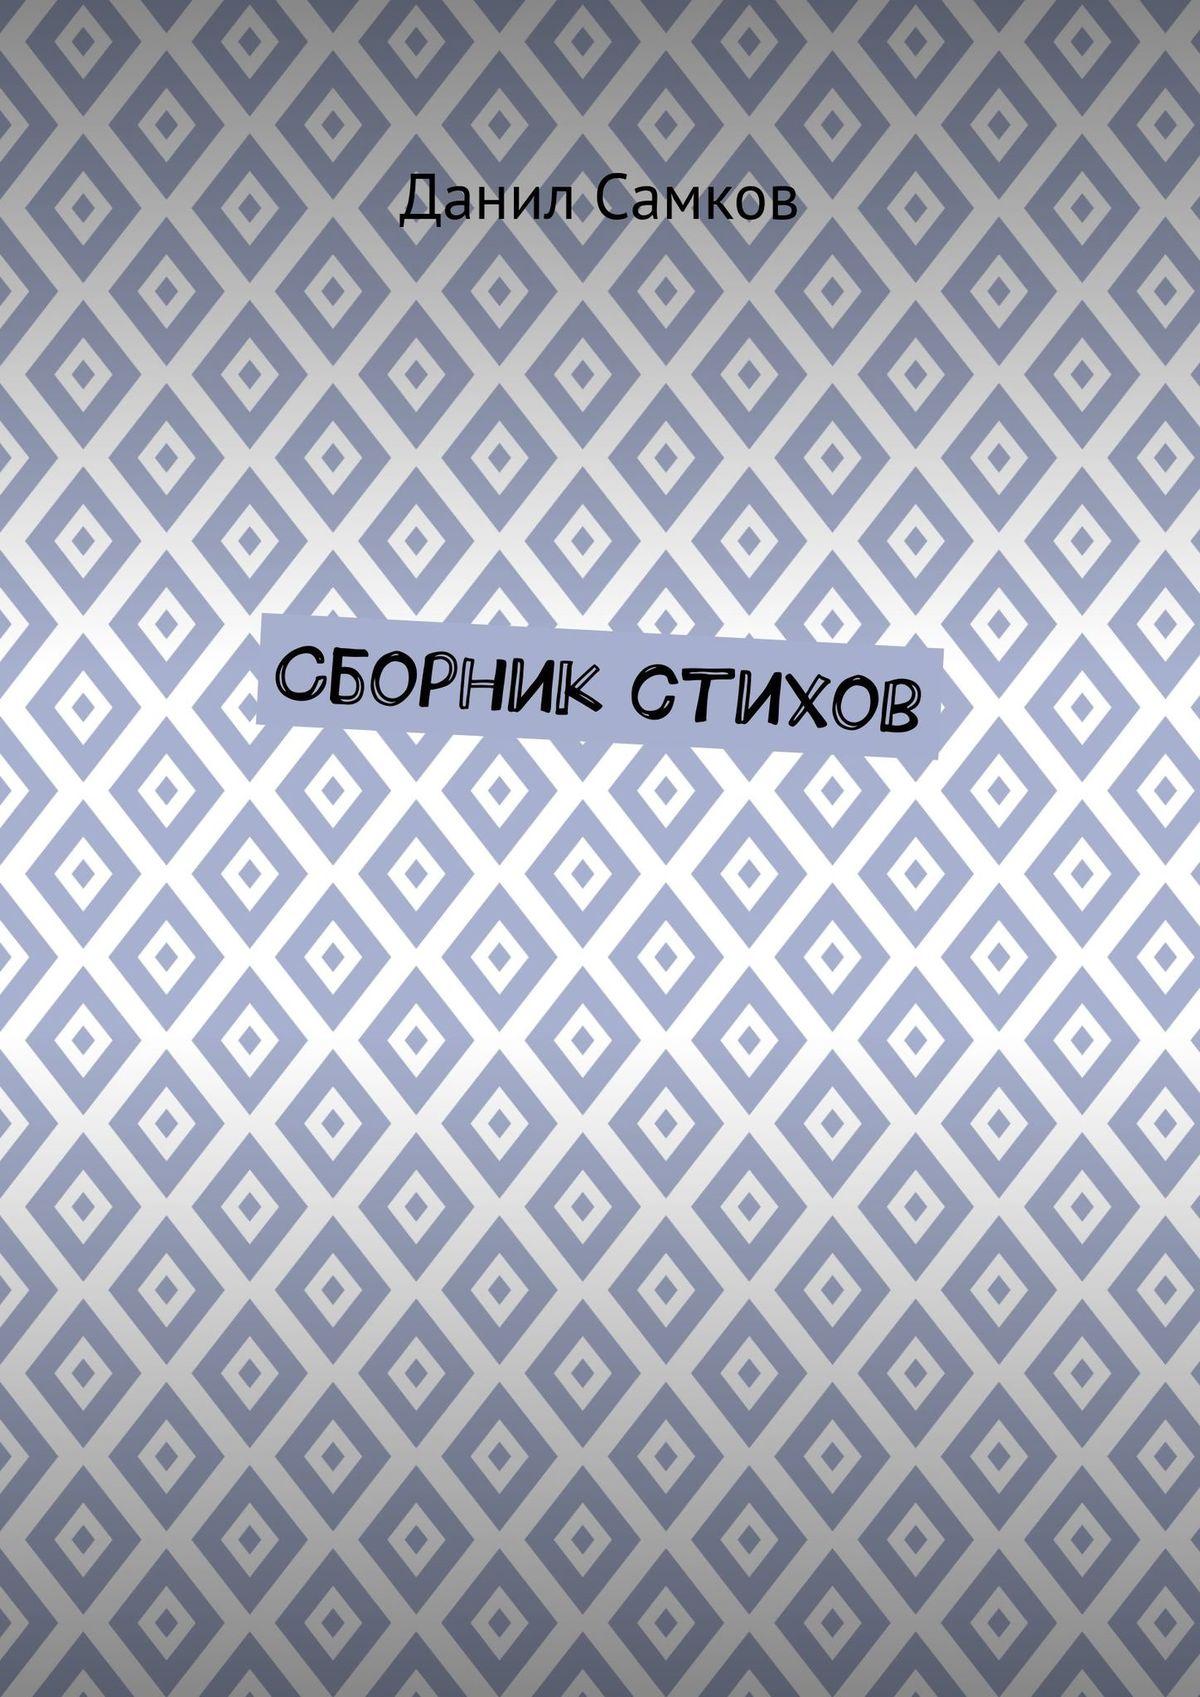 Данил Самков Сборник стихов никита босой 100 стихов на каждый день